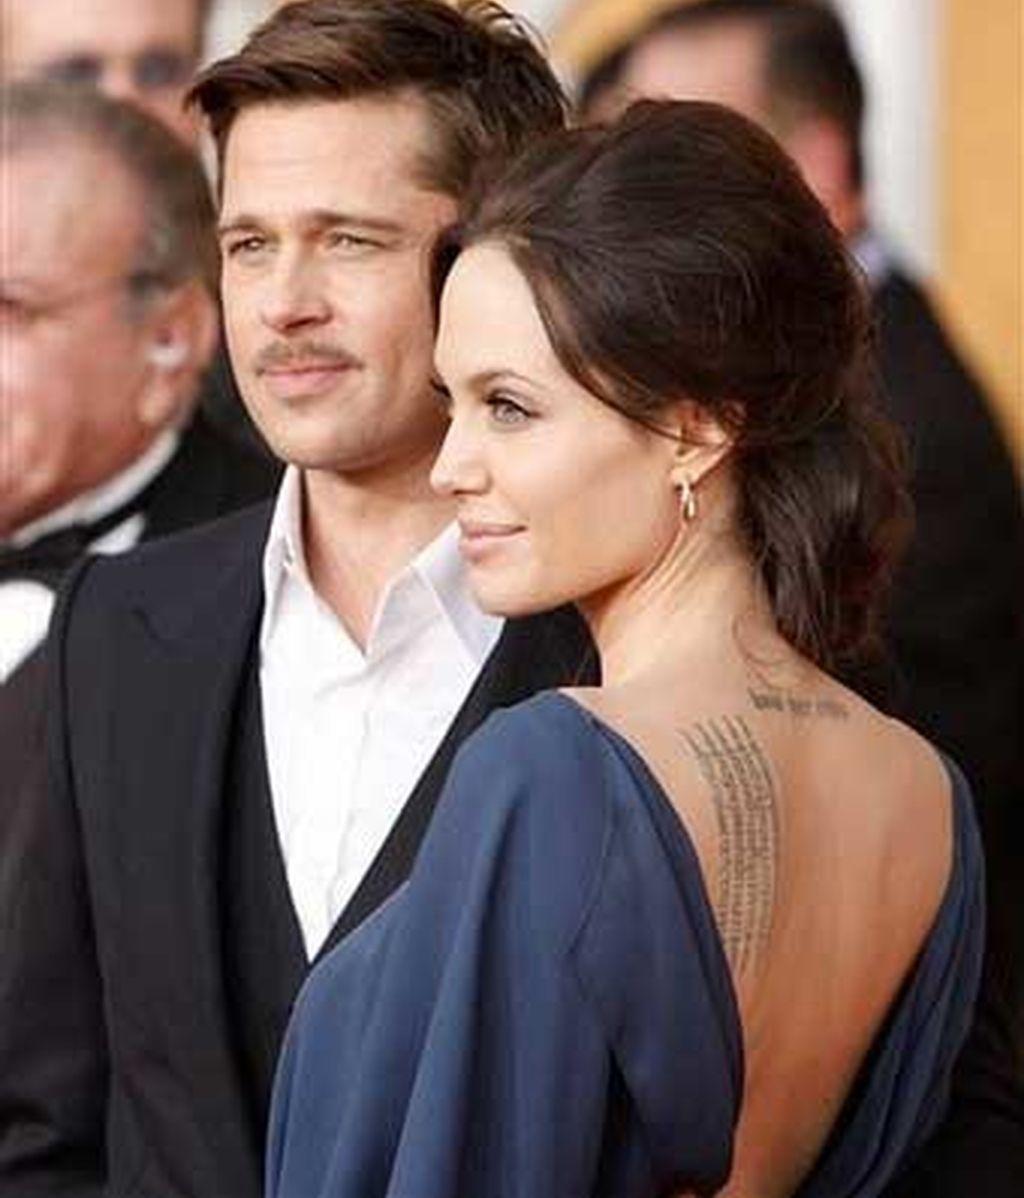 Brad Pitt y Angelina Jolie en una entrega de premios. Foto: AP